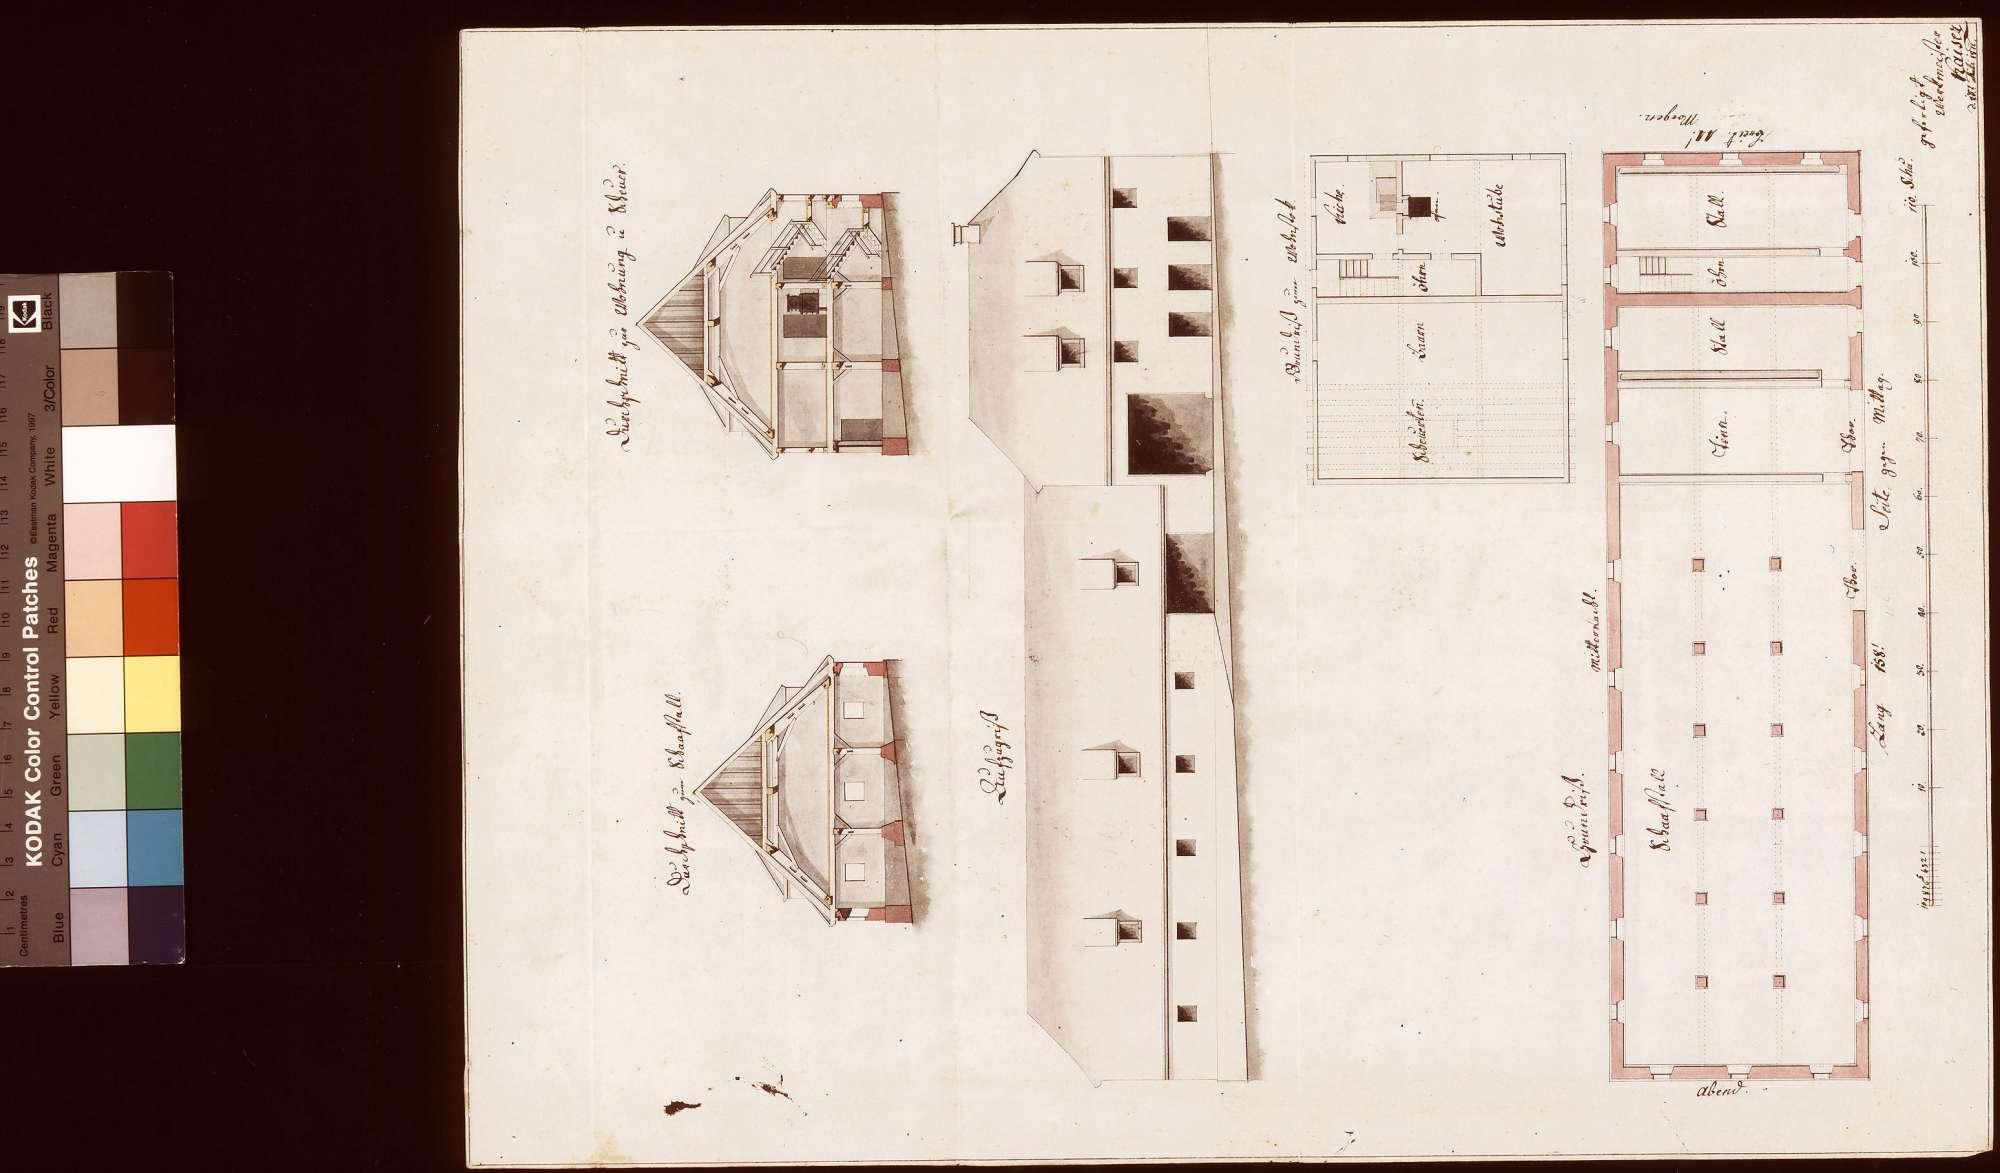 [Neubau eines Schafhauses samt Scheuer und Wohnung in Widdern], Bild 1